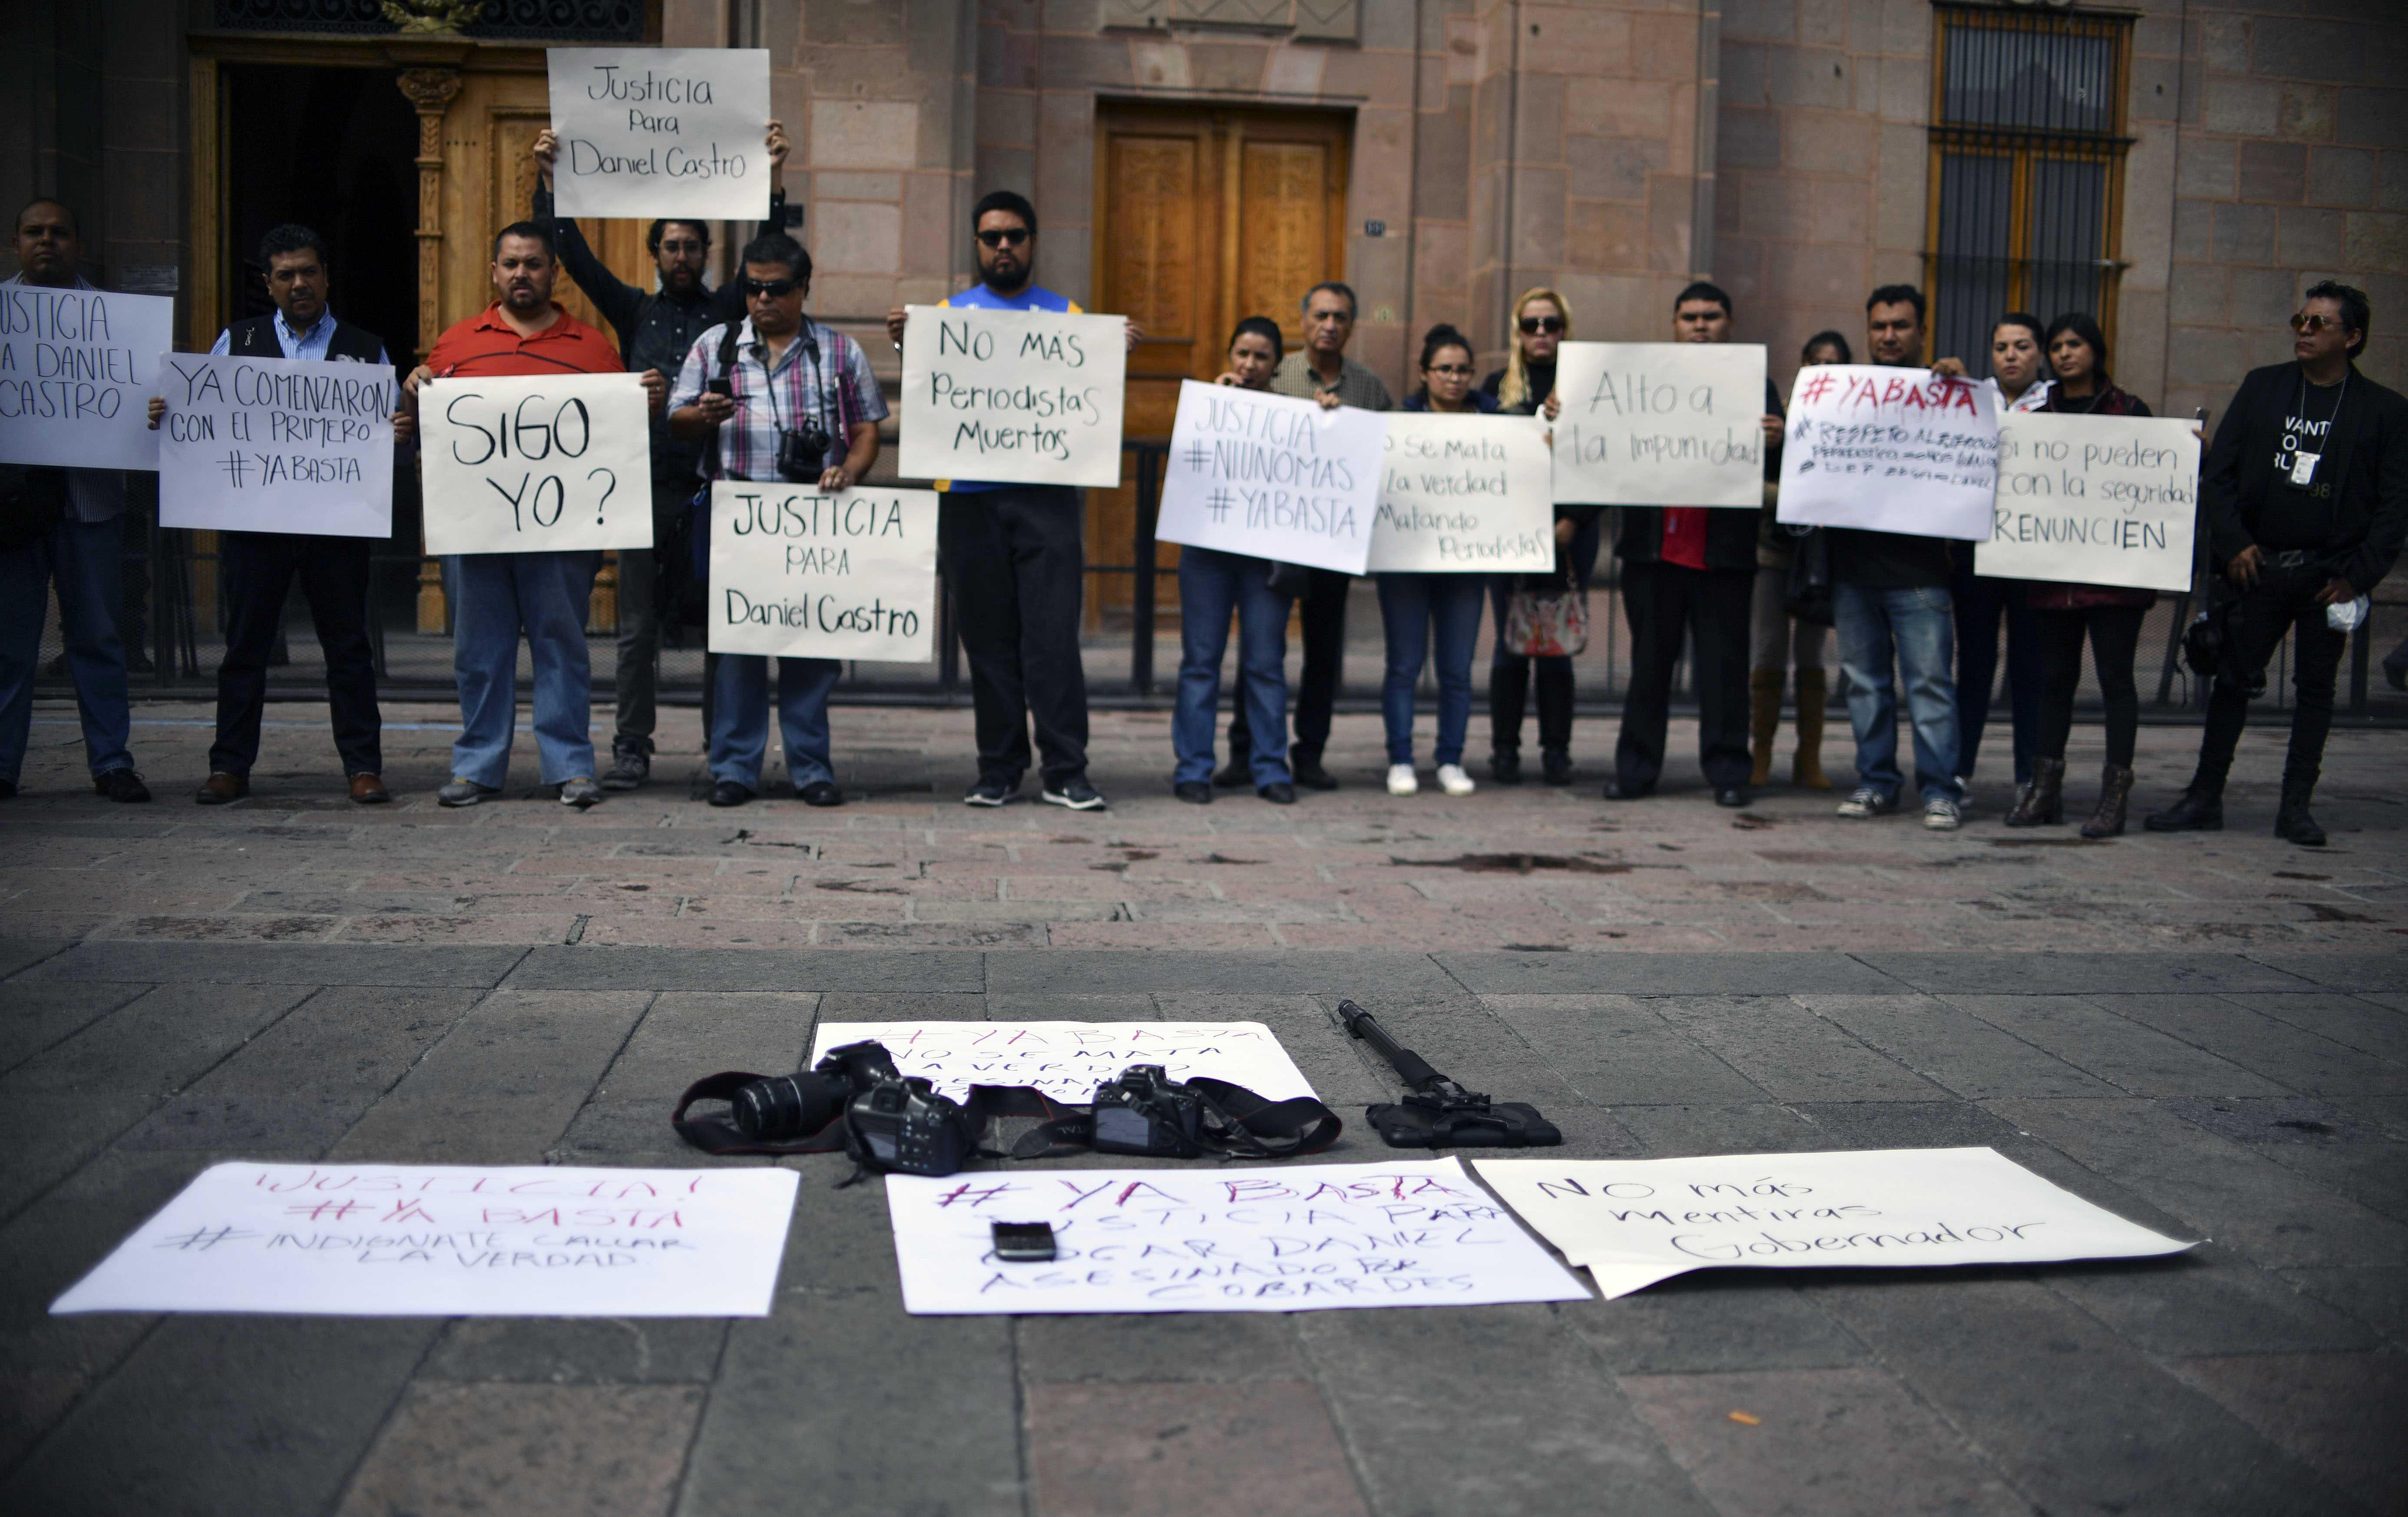 Asesinado fotoperiodista en México, van 11 comunicadores ultimados en 2017